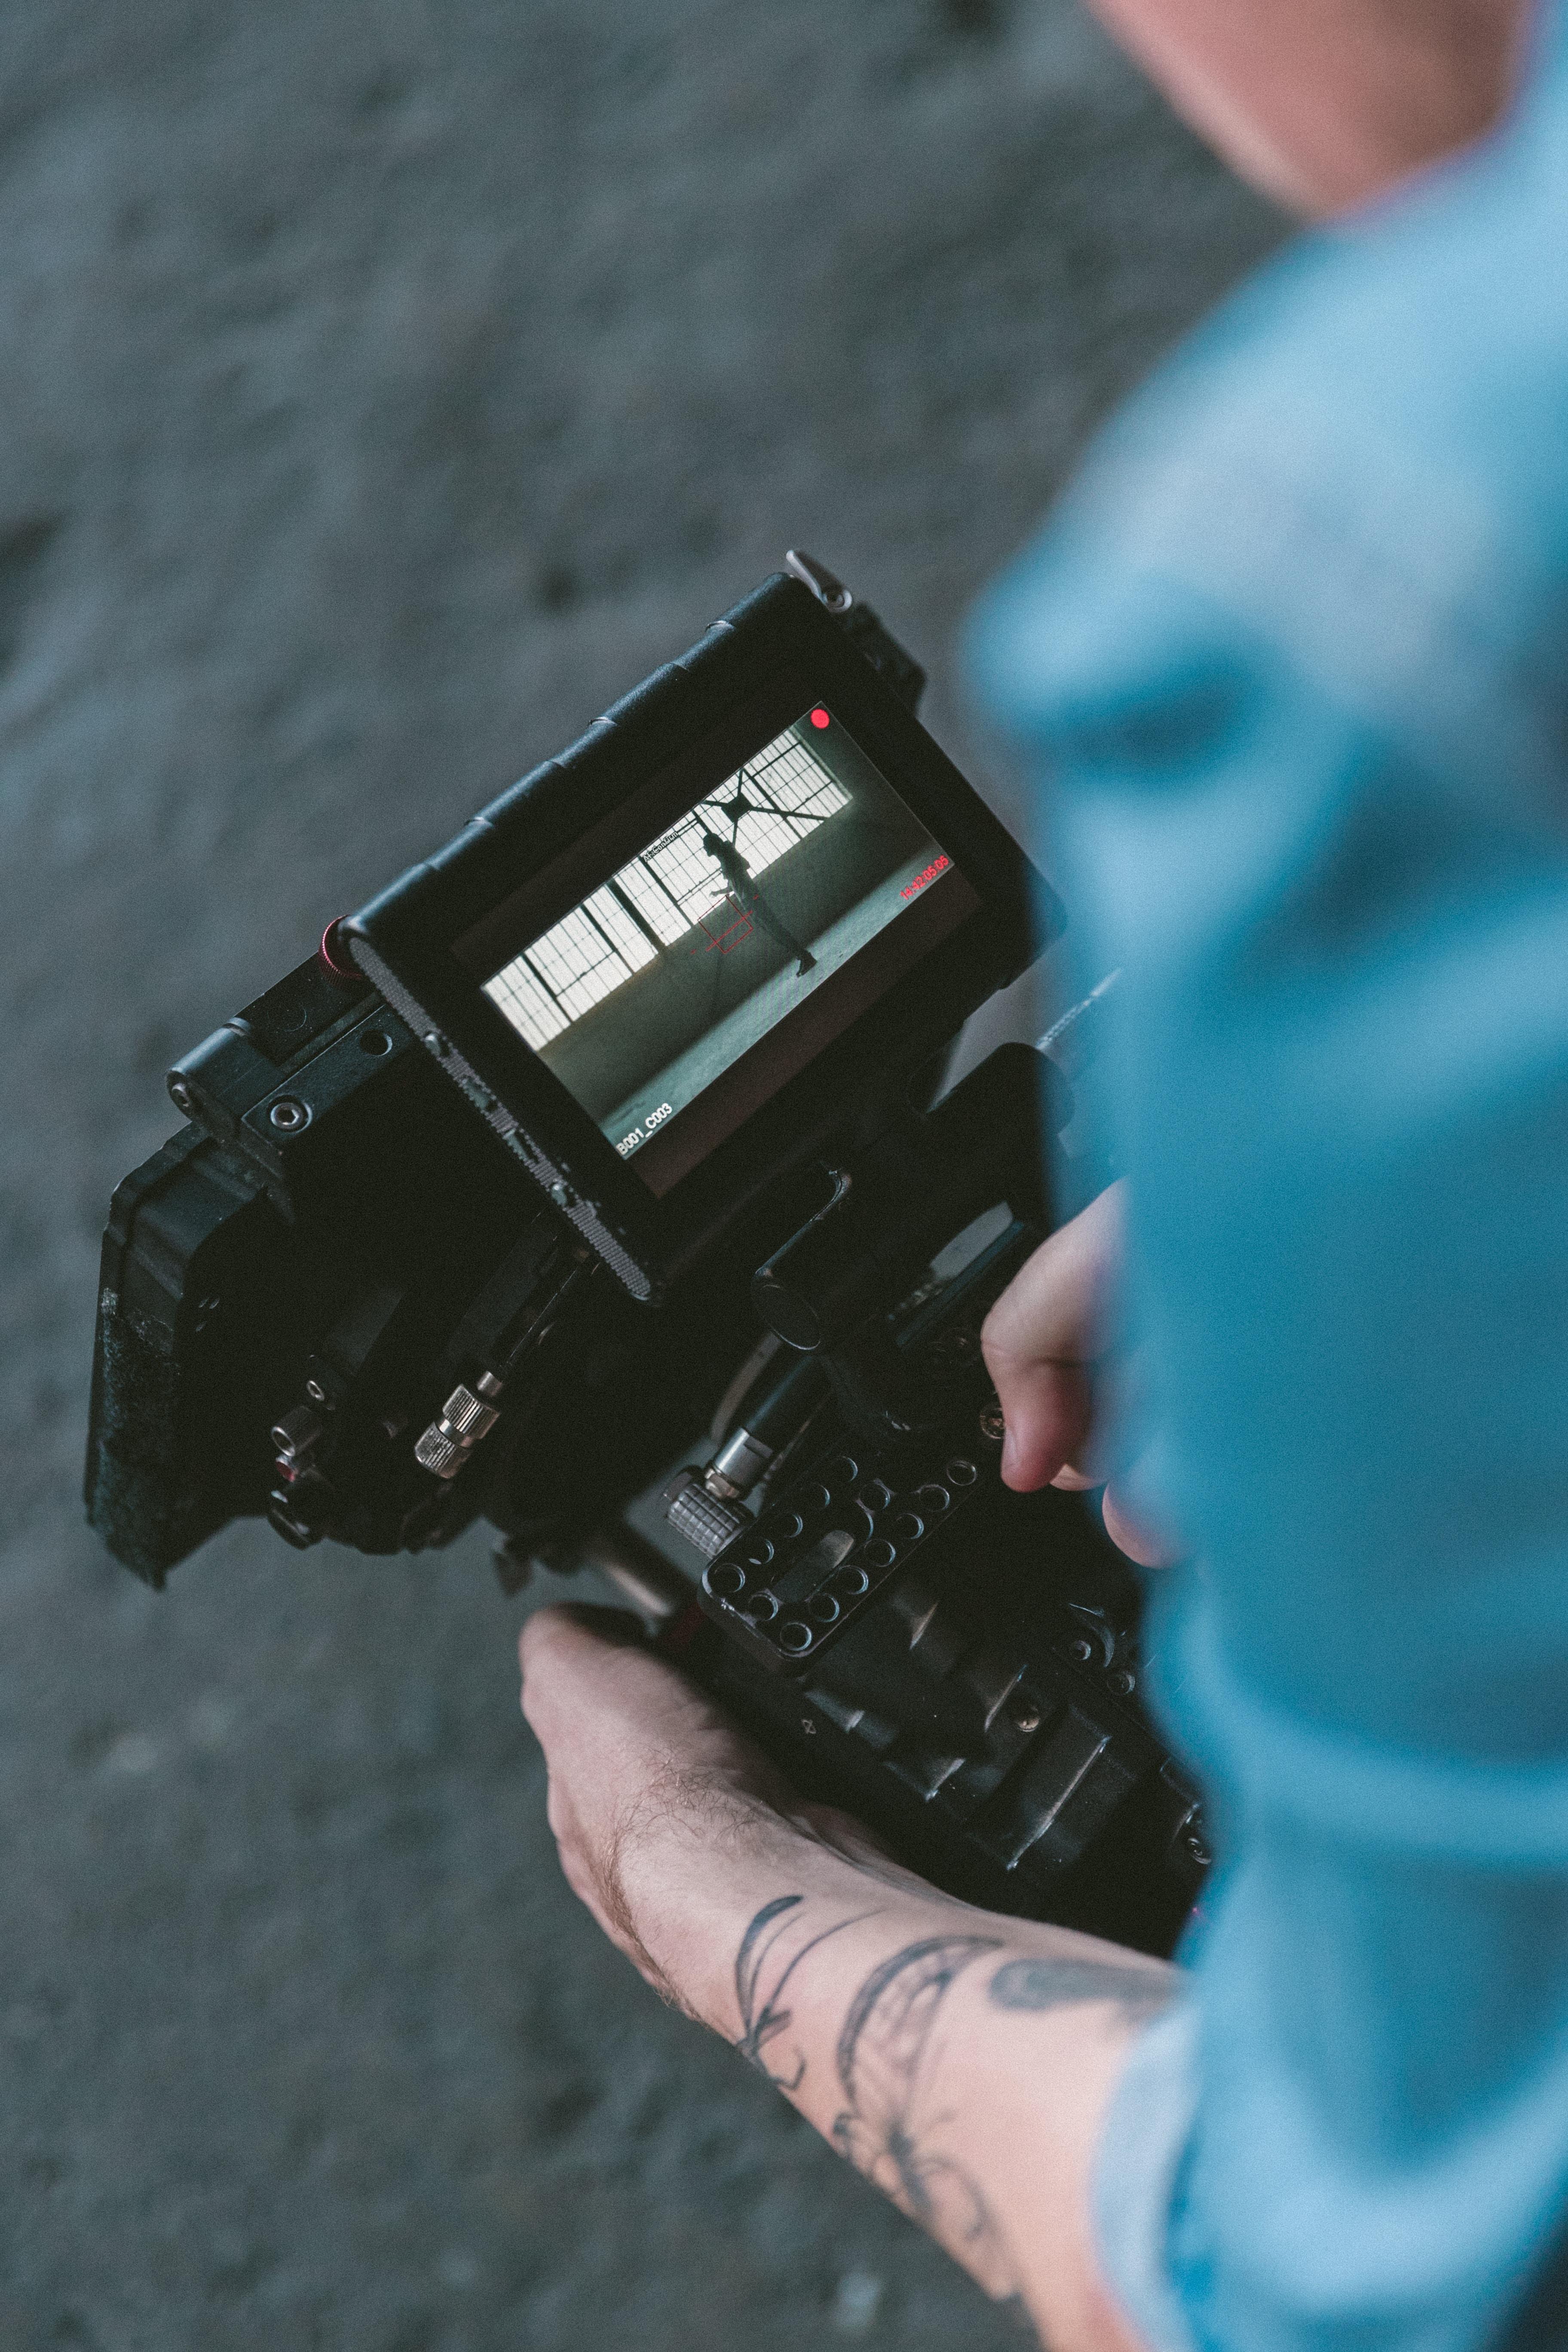 Advice for amateur videographers